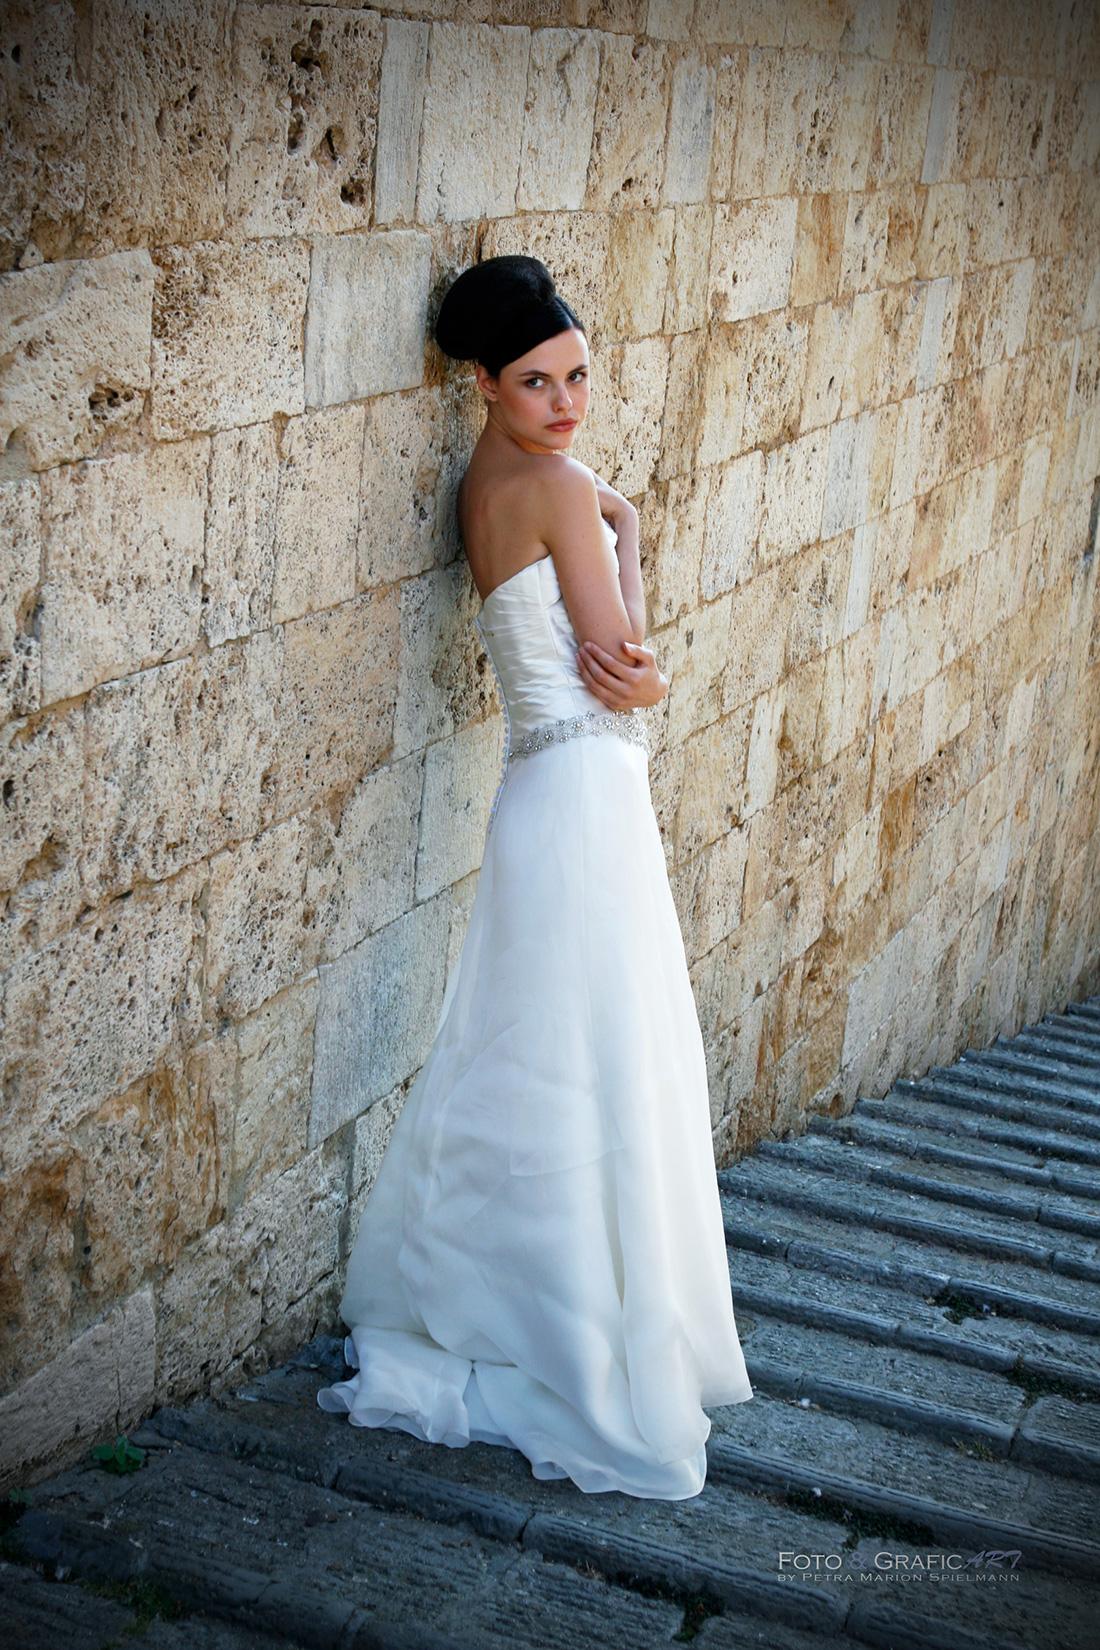 Matrimonio In Ticino : Foto graficart fotografo matrimonio in ticino